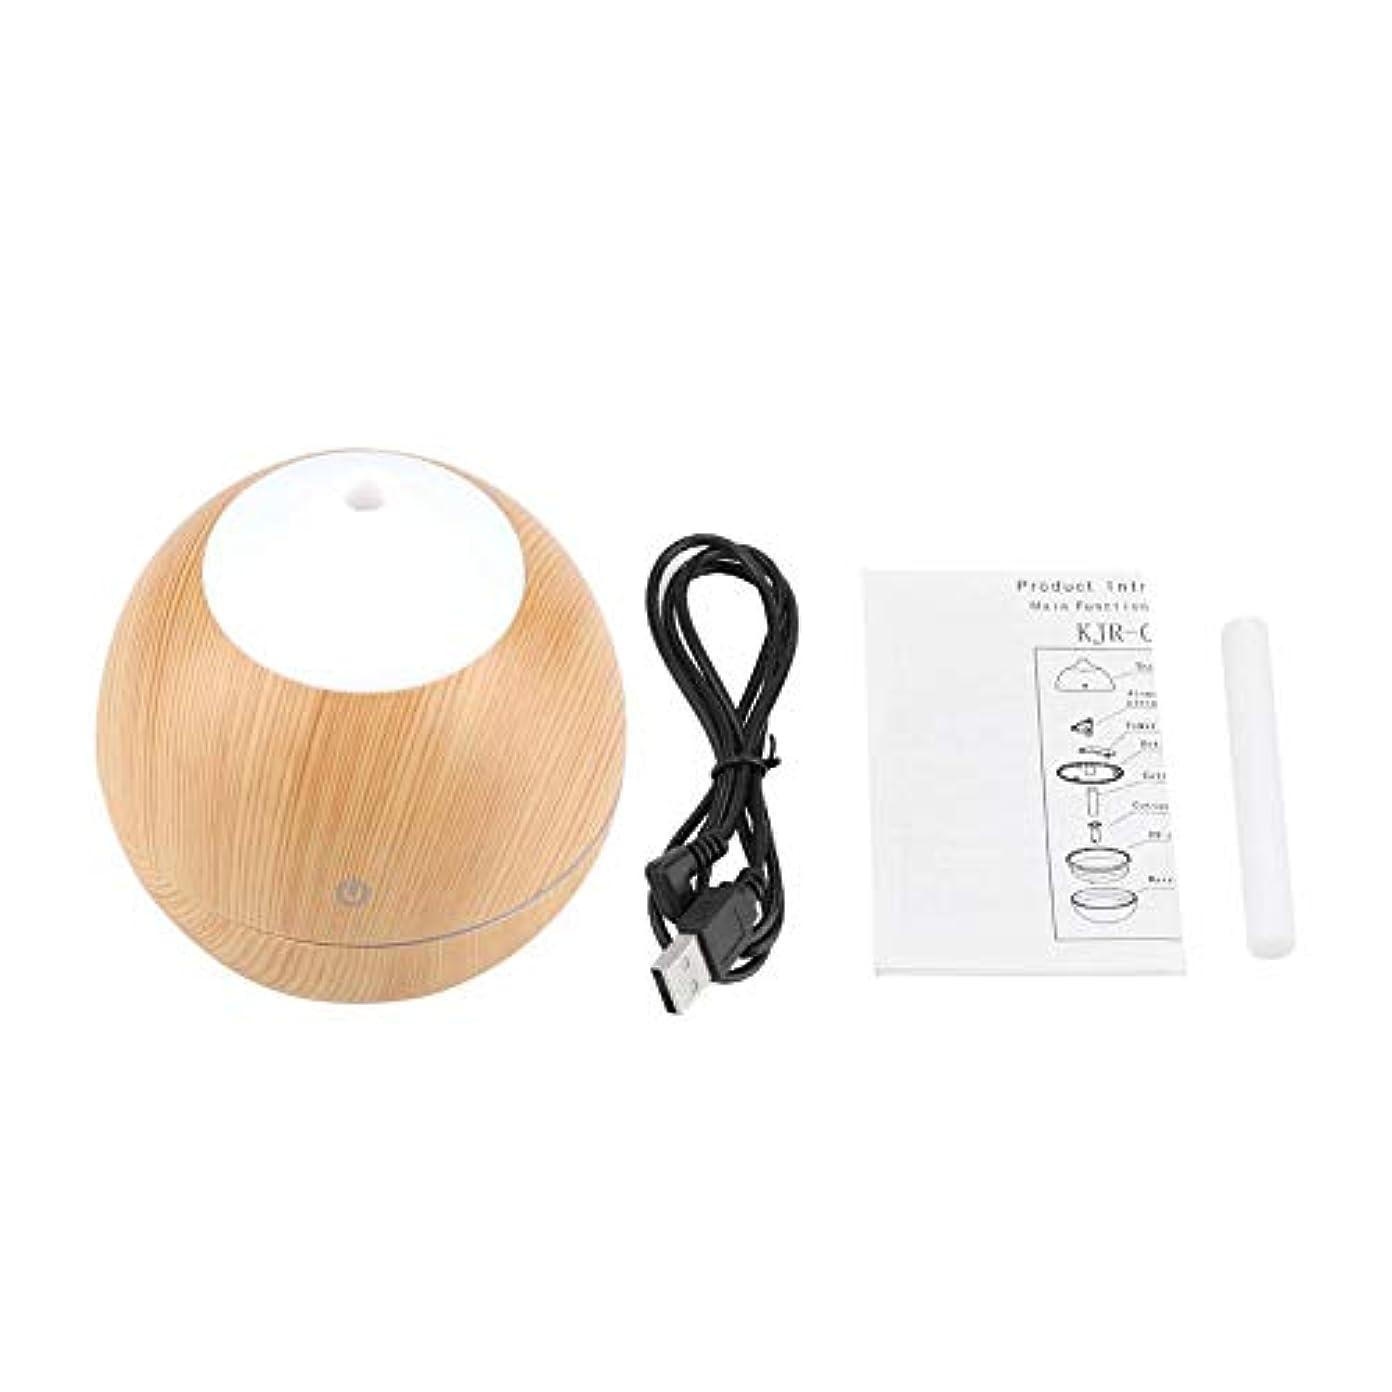 繰り返し桃吐き出す加湿器、130ml多機能空気加湿器アロマセラピーアロマオイルディフューザー常夜灯(ライトウッド)